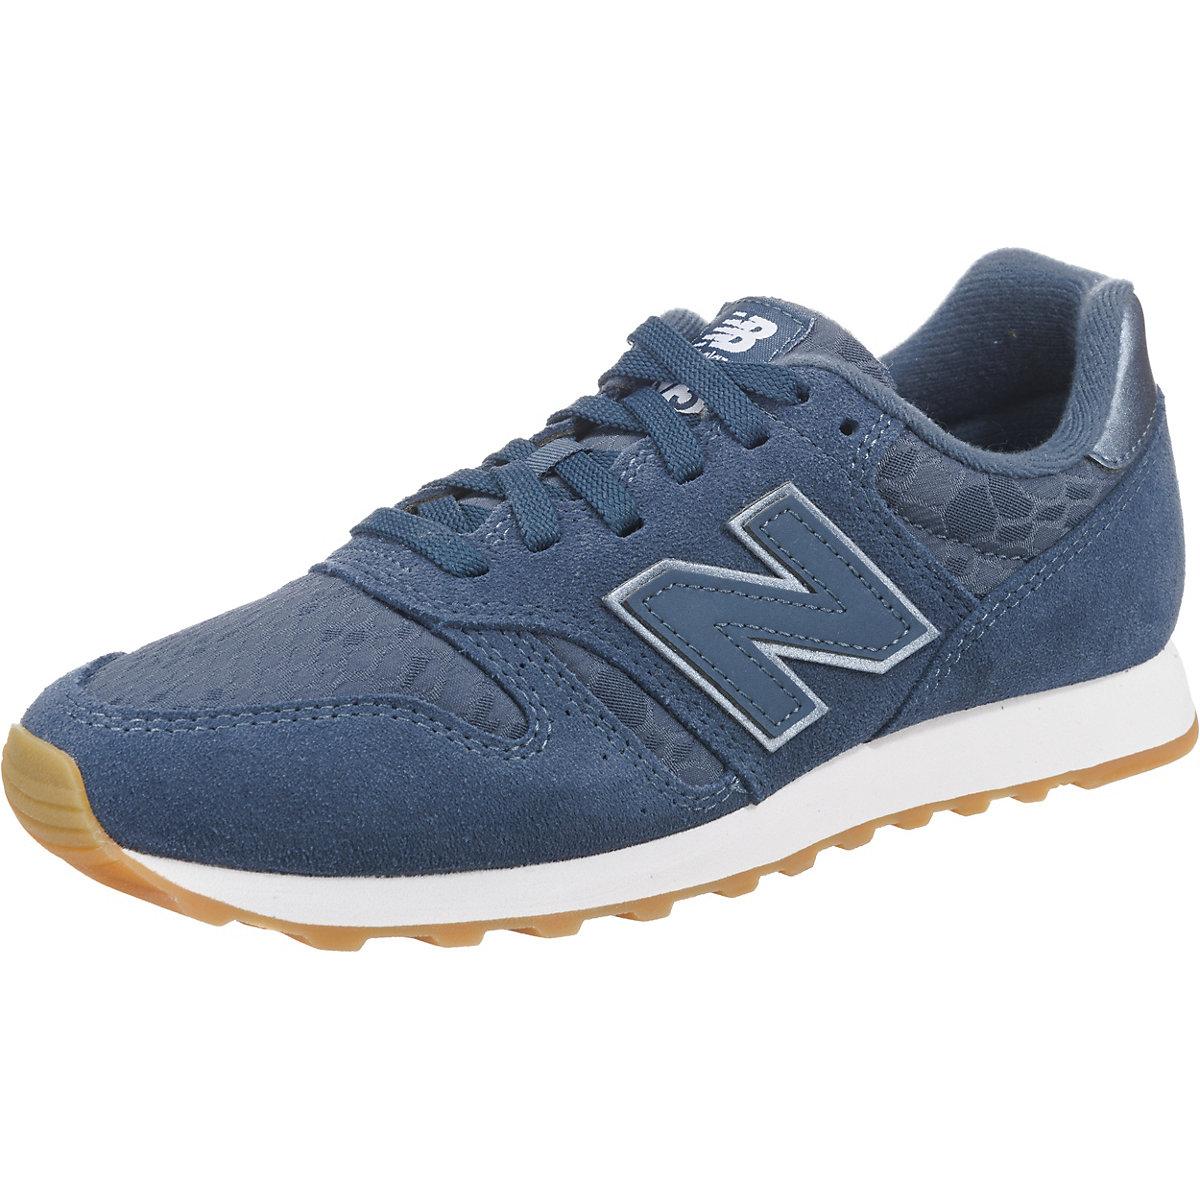 New balance, WL373 B Turnschuhe Low, dunkelblau  Gute Qualität beliebte Schuhe